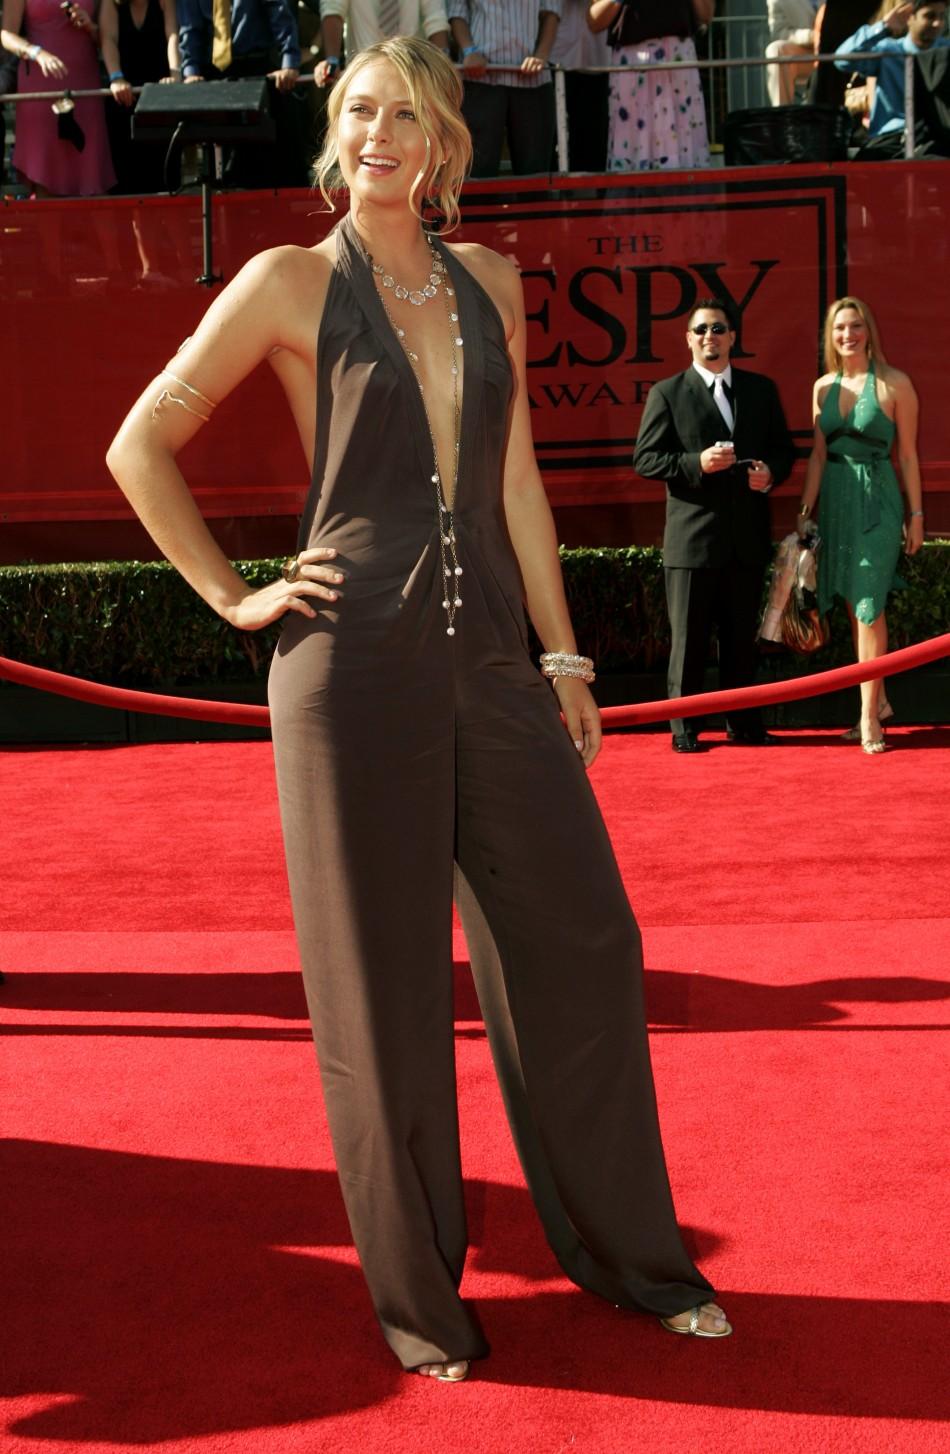 Maria Sharapova : At the 13th annual ESPY Awards in Hollywood.